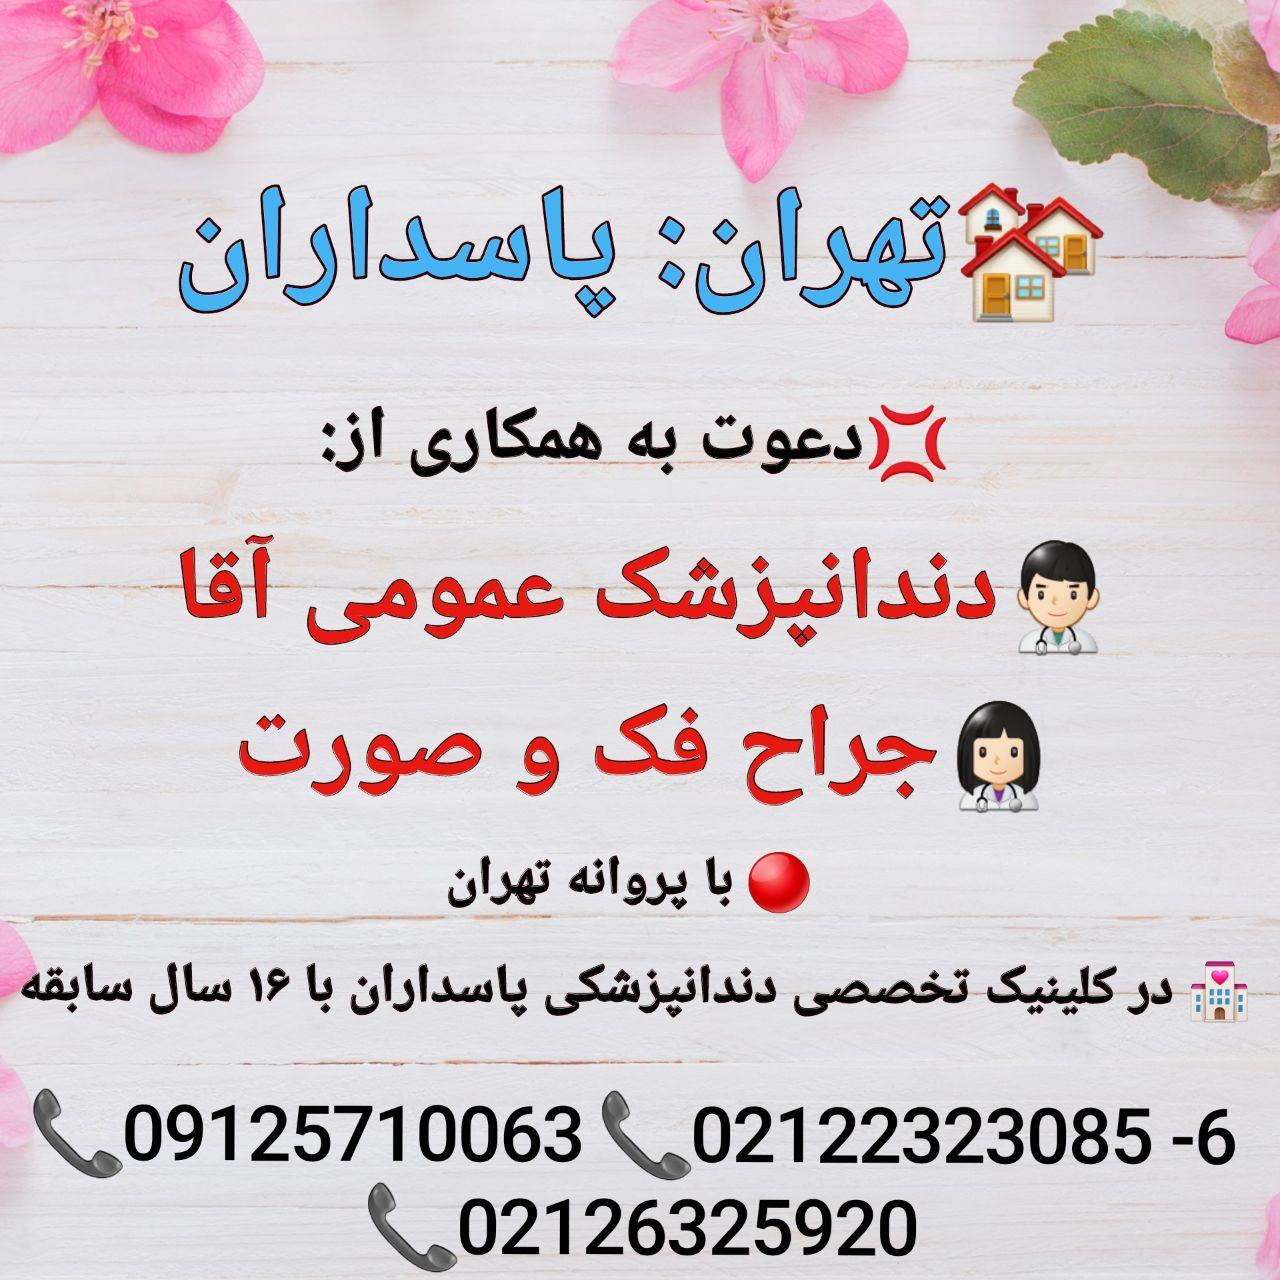 تهران: پاسداران، نیاز به دندانپزشک عمومی آقا، و جراح فک و صورت